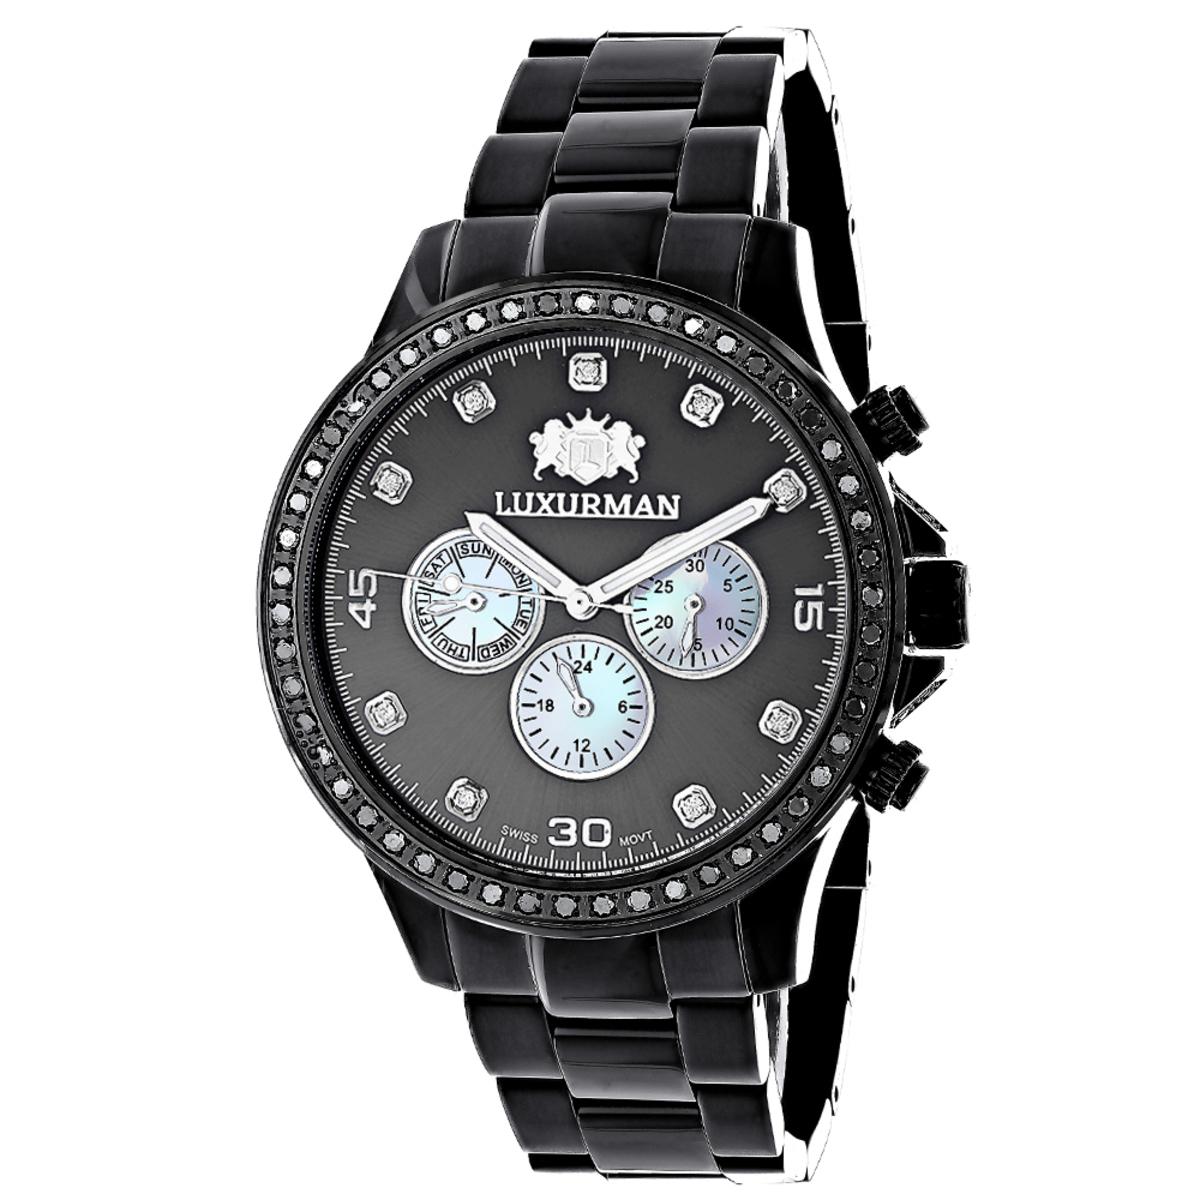 2 Carat Black Diamond Bezel Watch for Men by Luxurman